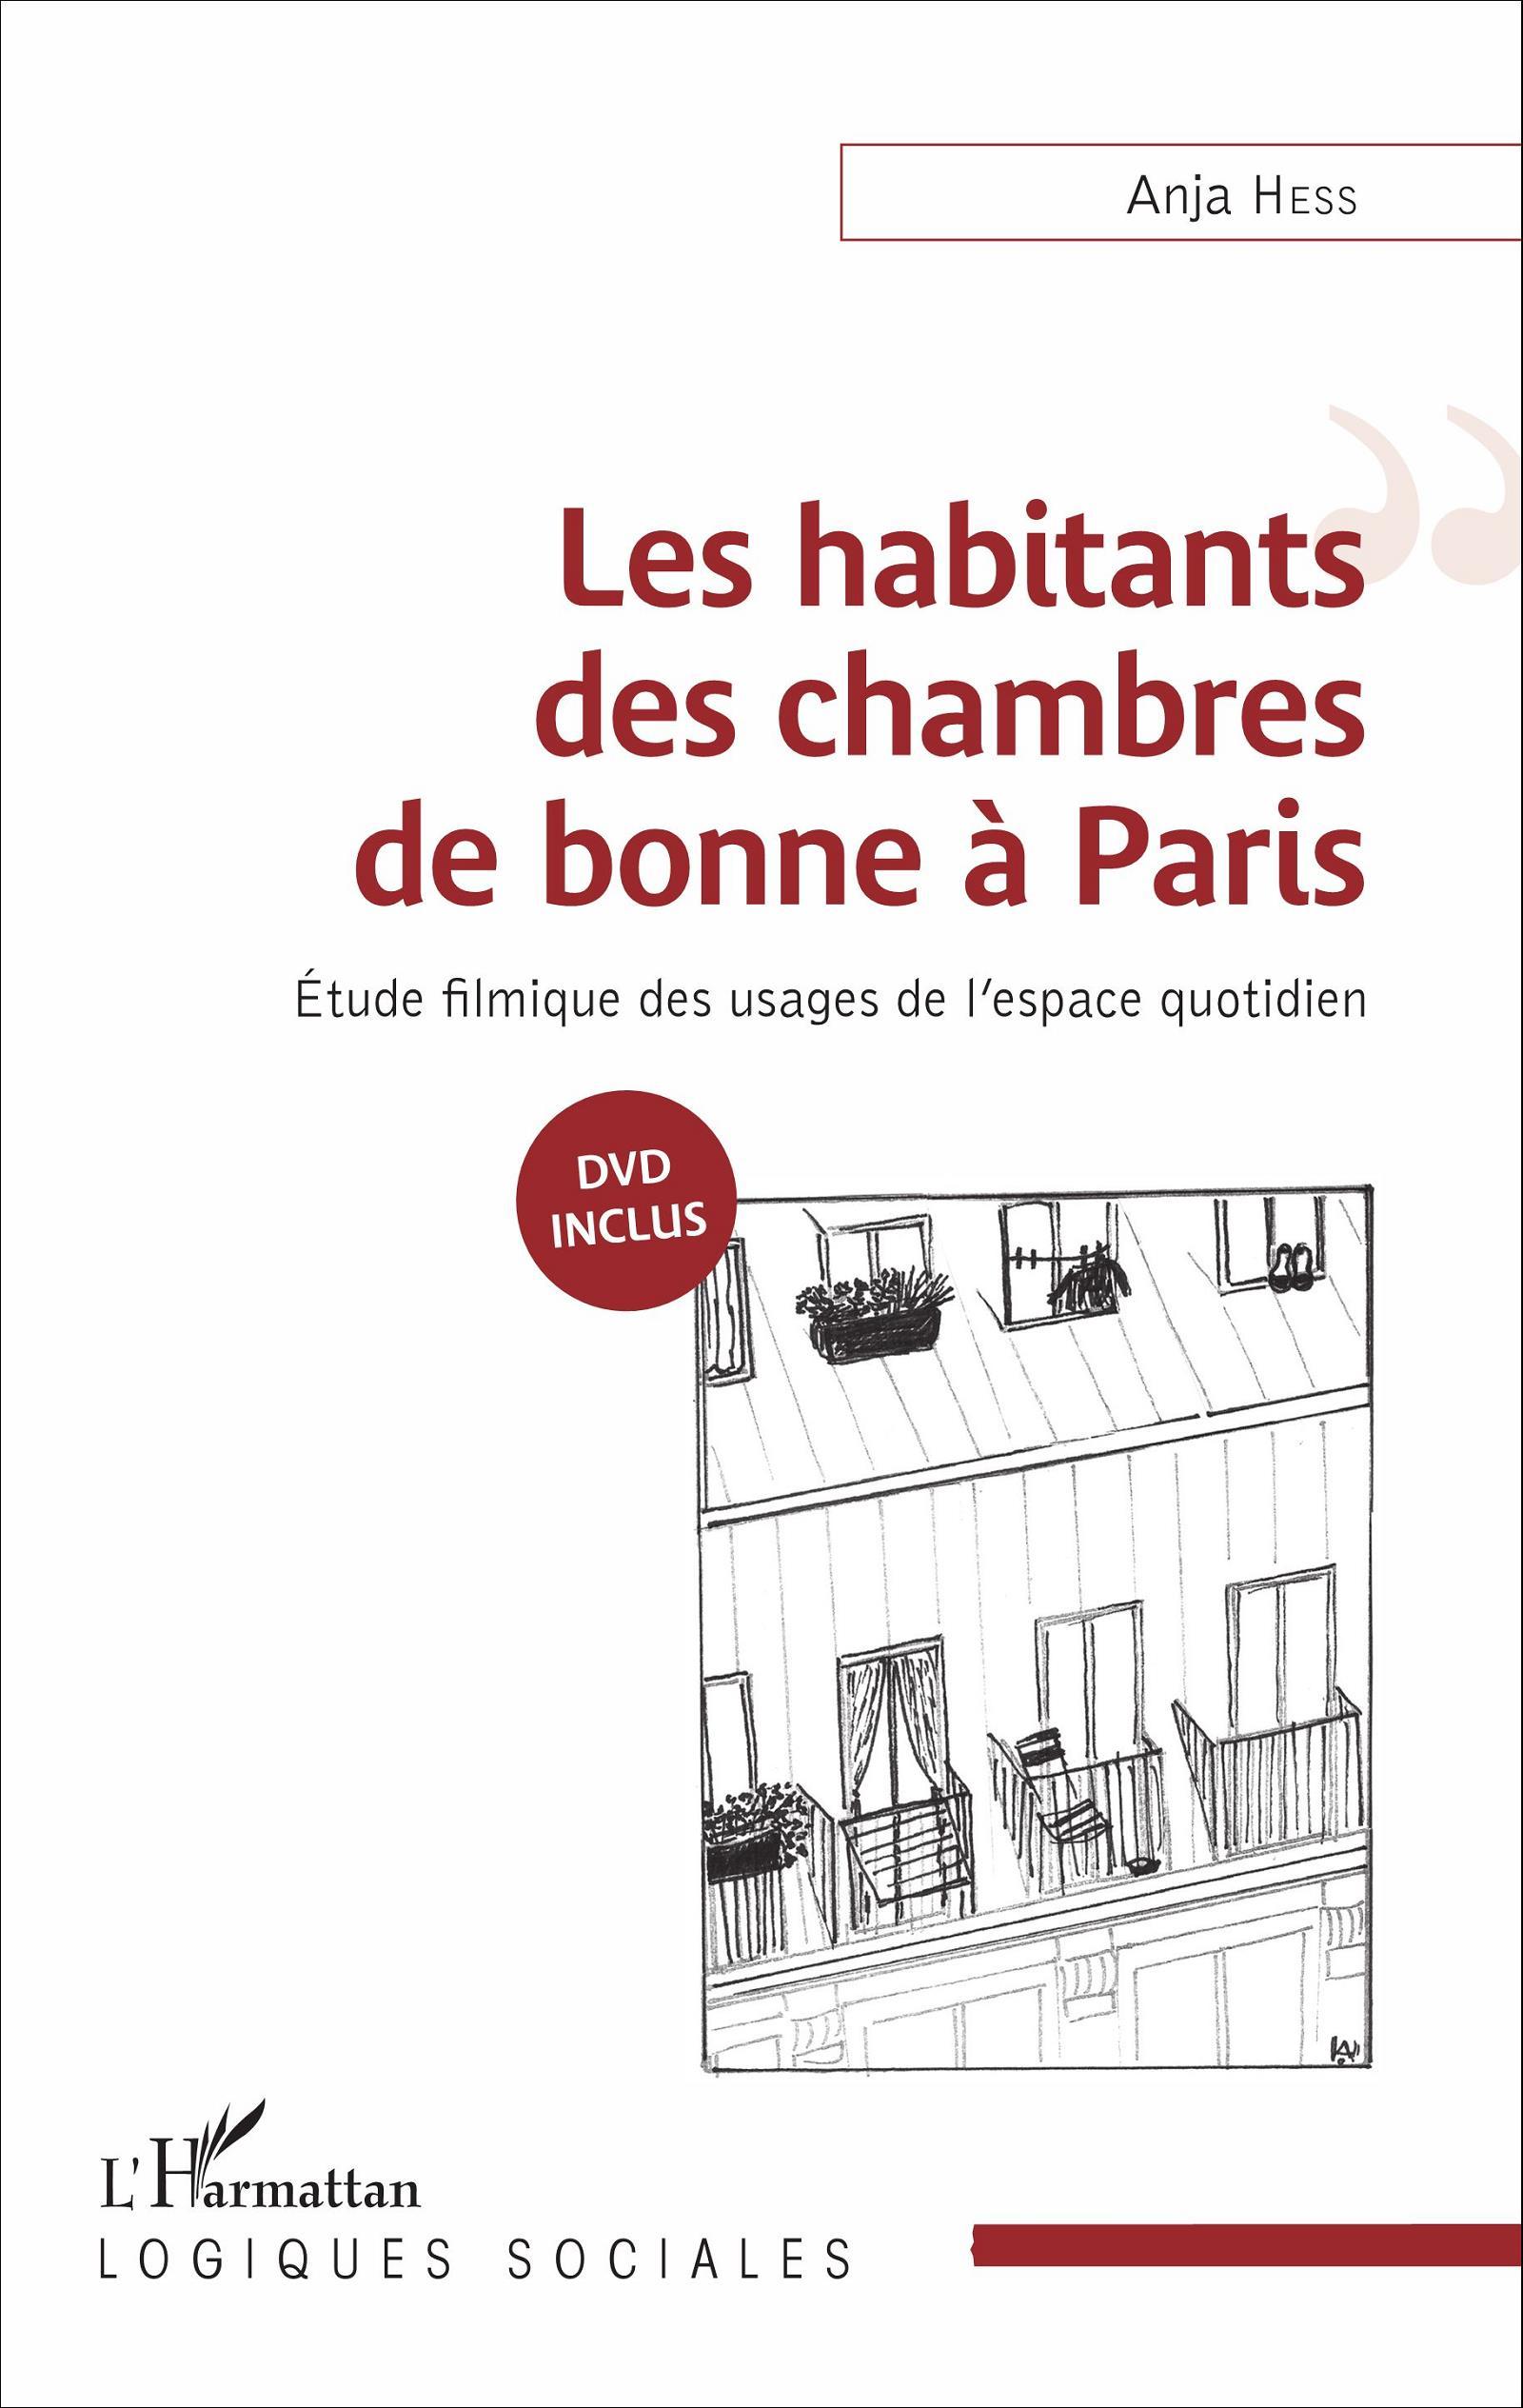 LES HABITANTS DES CHAMBRES DE BONNE € PARIS étude filmique des